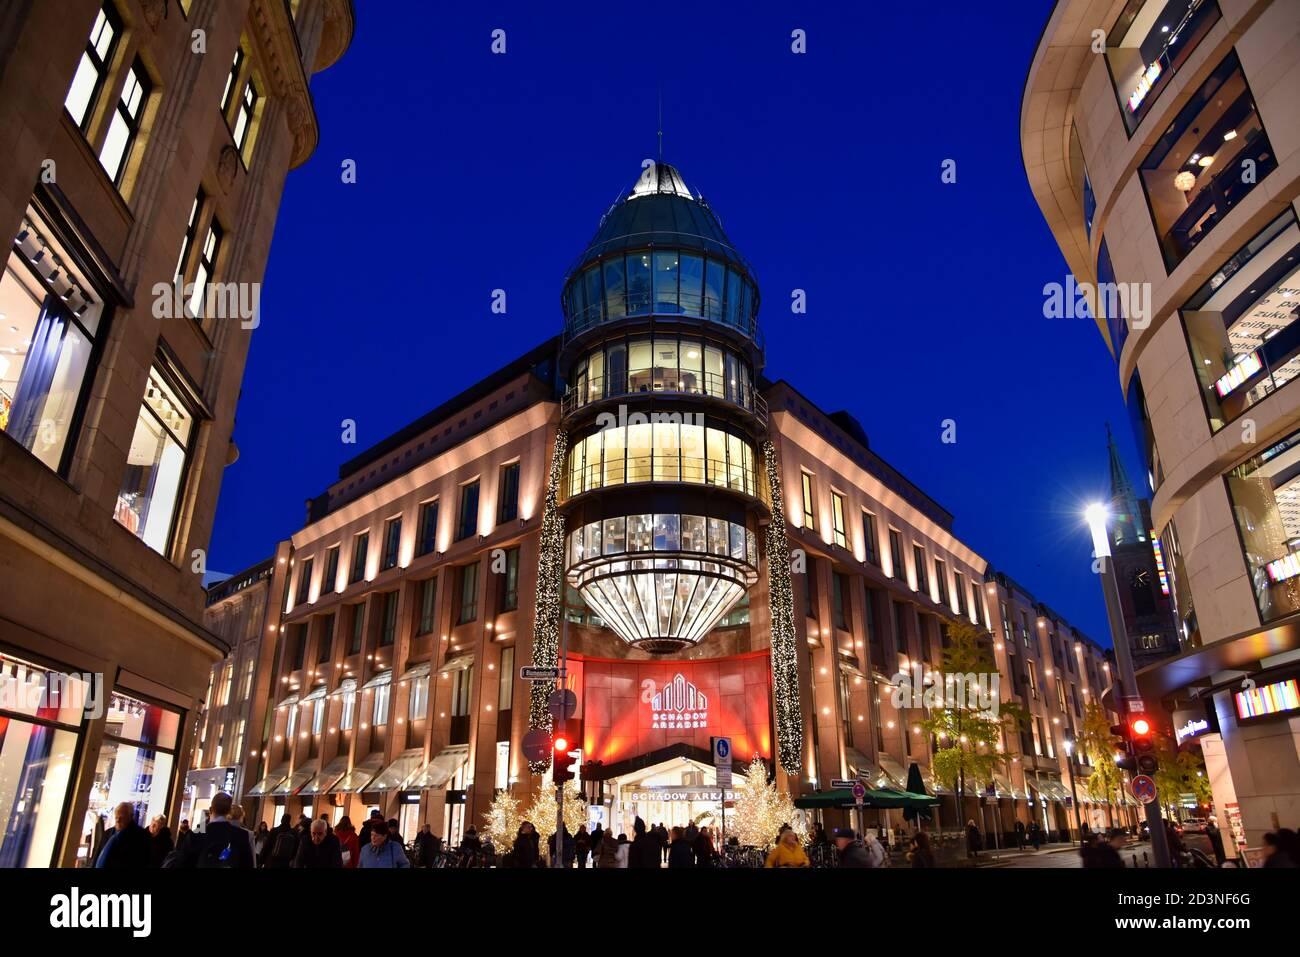 Fachada moderna del centro comercial 'Schadow-Arkaden' en el centro de Düsseldorf con iluminación navideña. Foto de stock